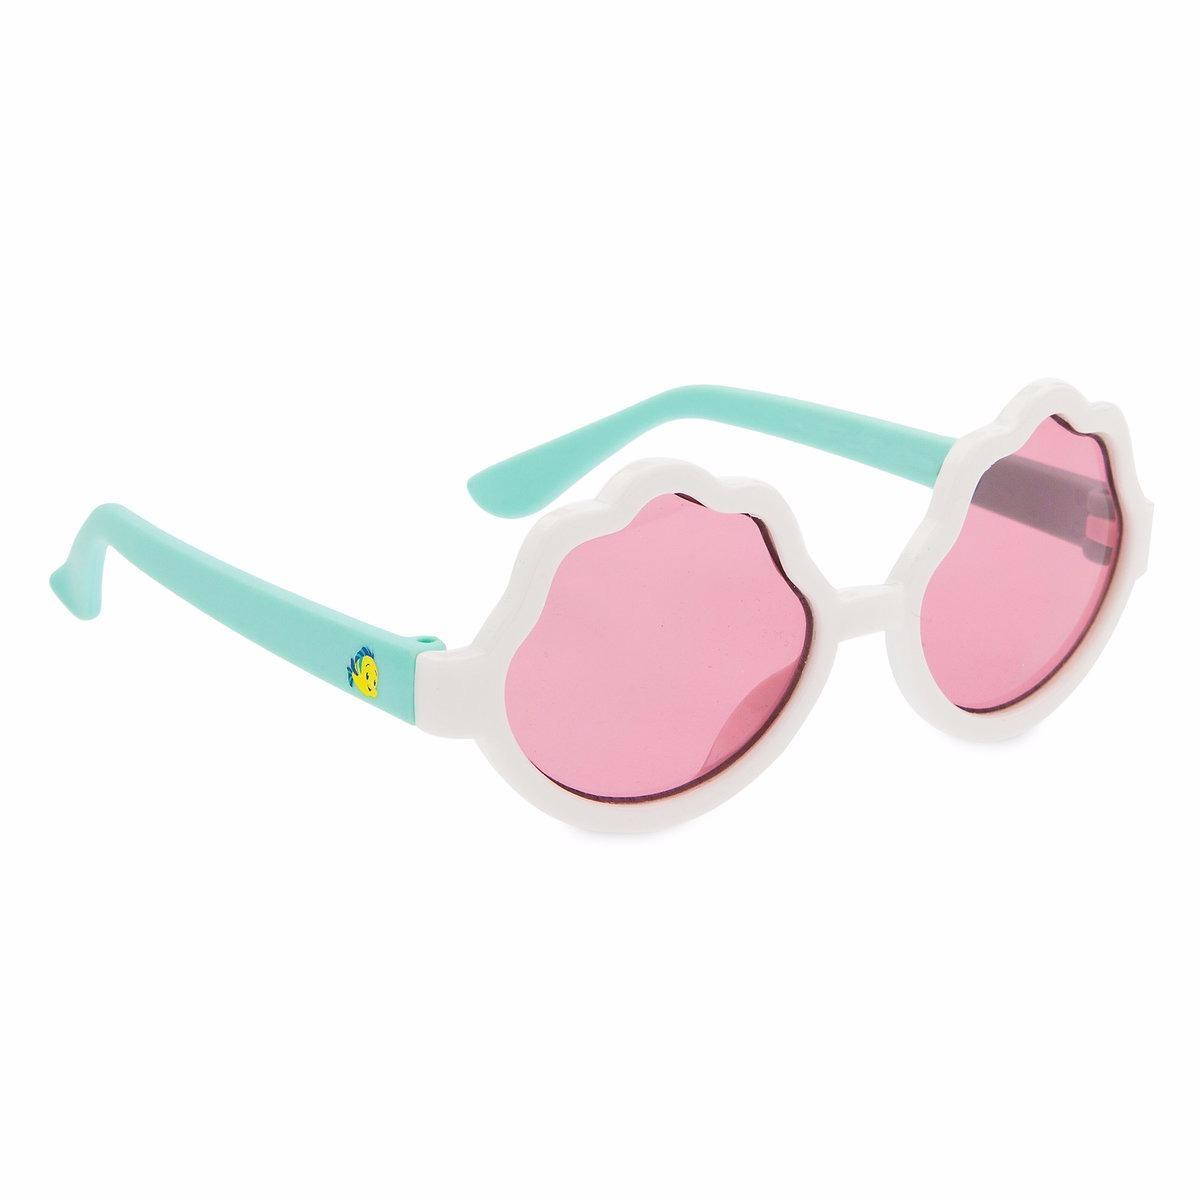 4ff0986b329e7 Óculos De Sol Princesa Ariel Infantil Original Disney - R  45,00 em ...